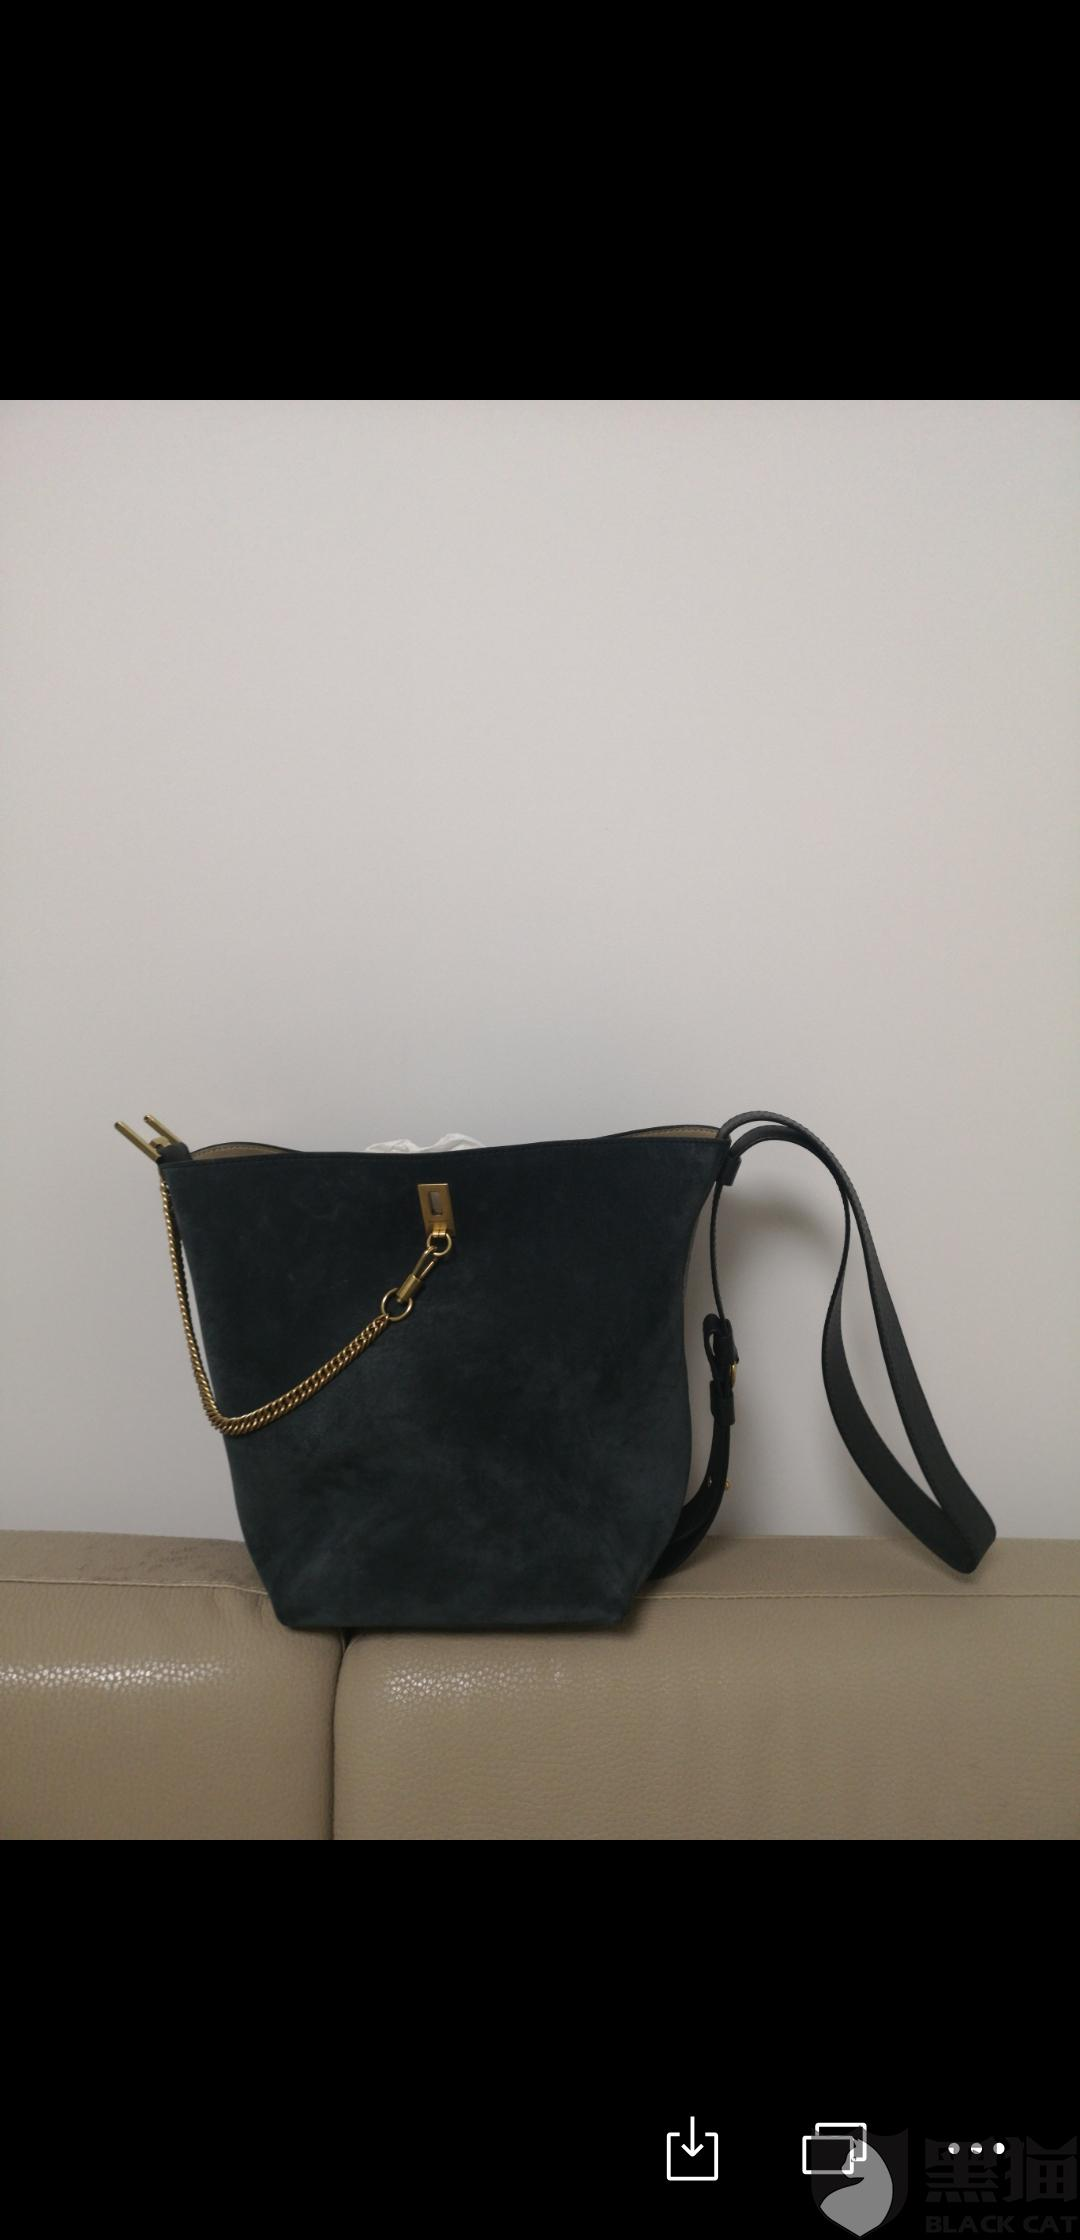 黑猫投诉:考拉海购购买纪梵希小羊皮包使用10天已坏